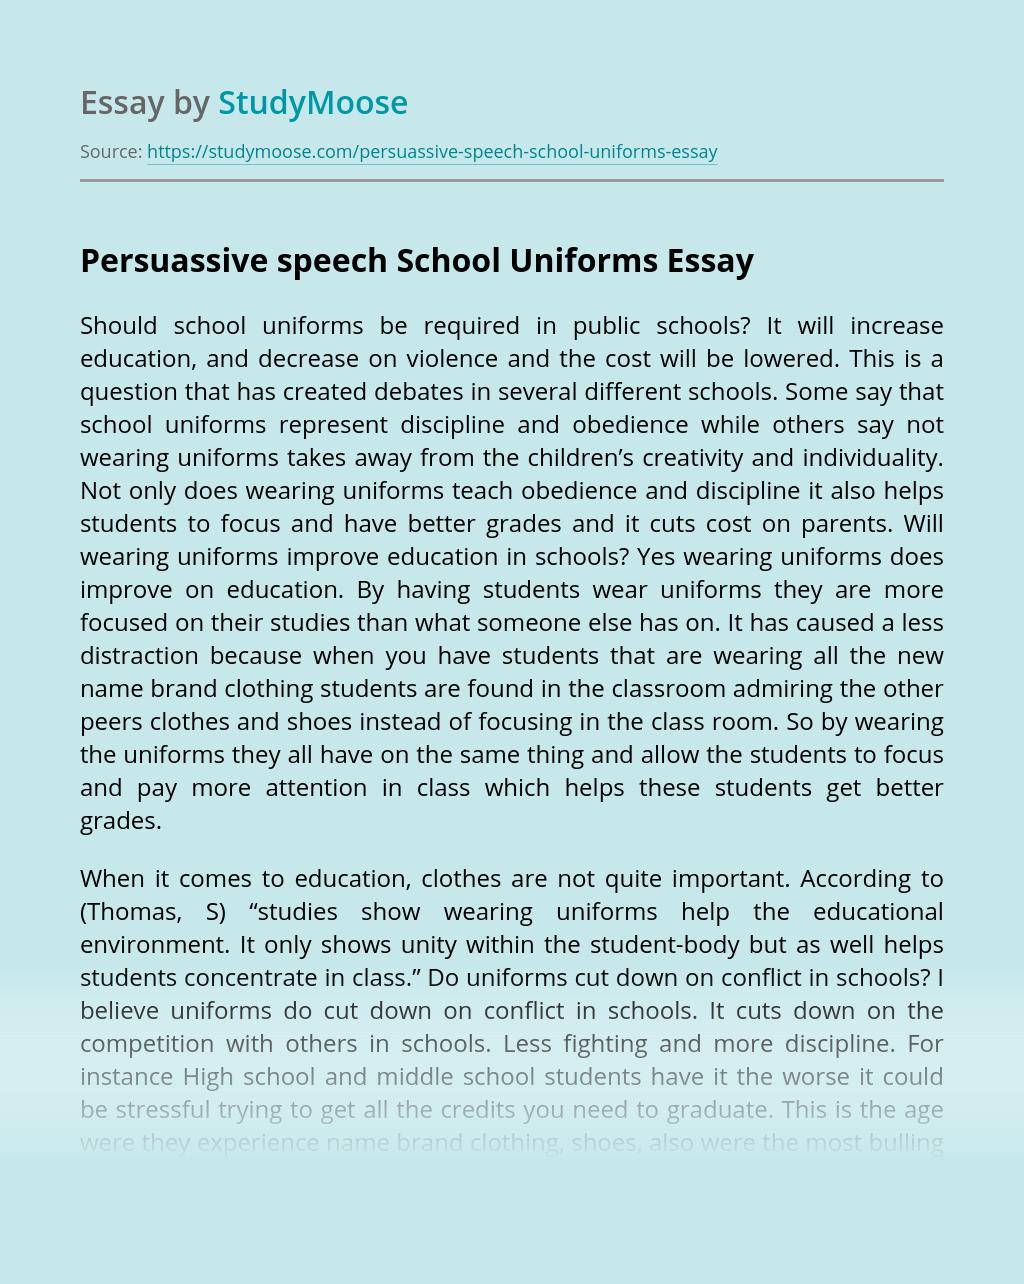 Persuassive speech School Uniforms